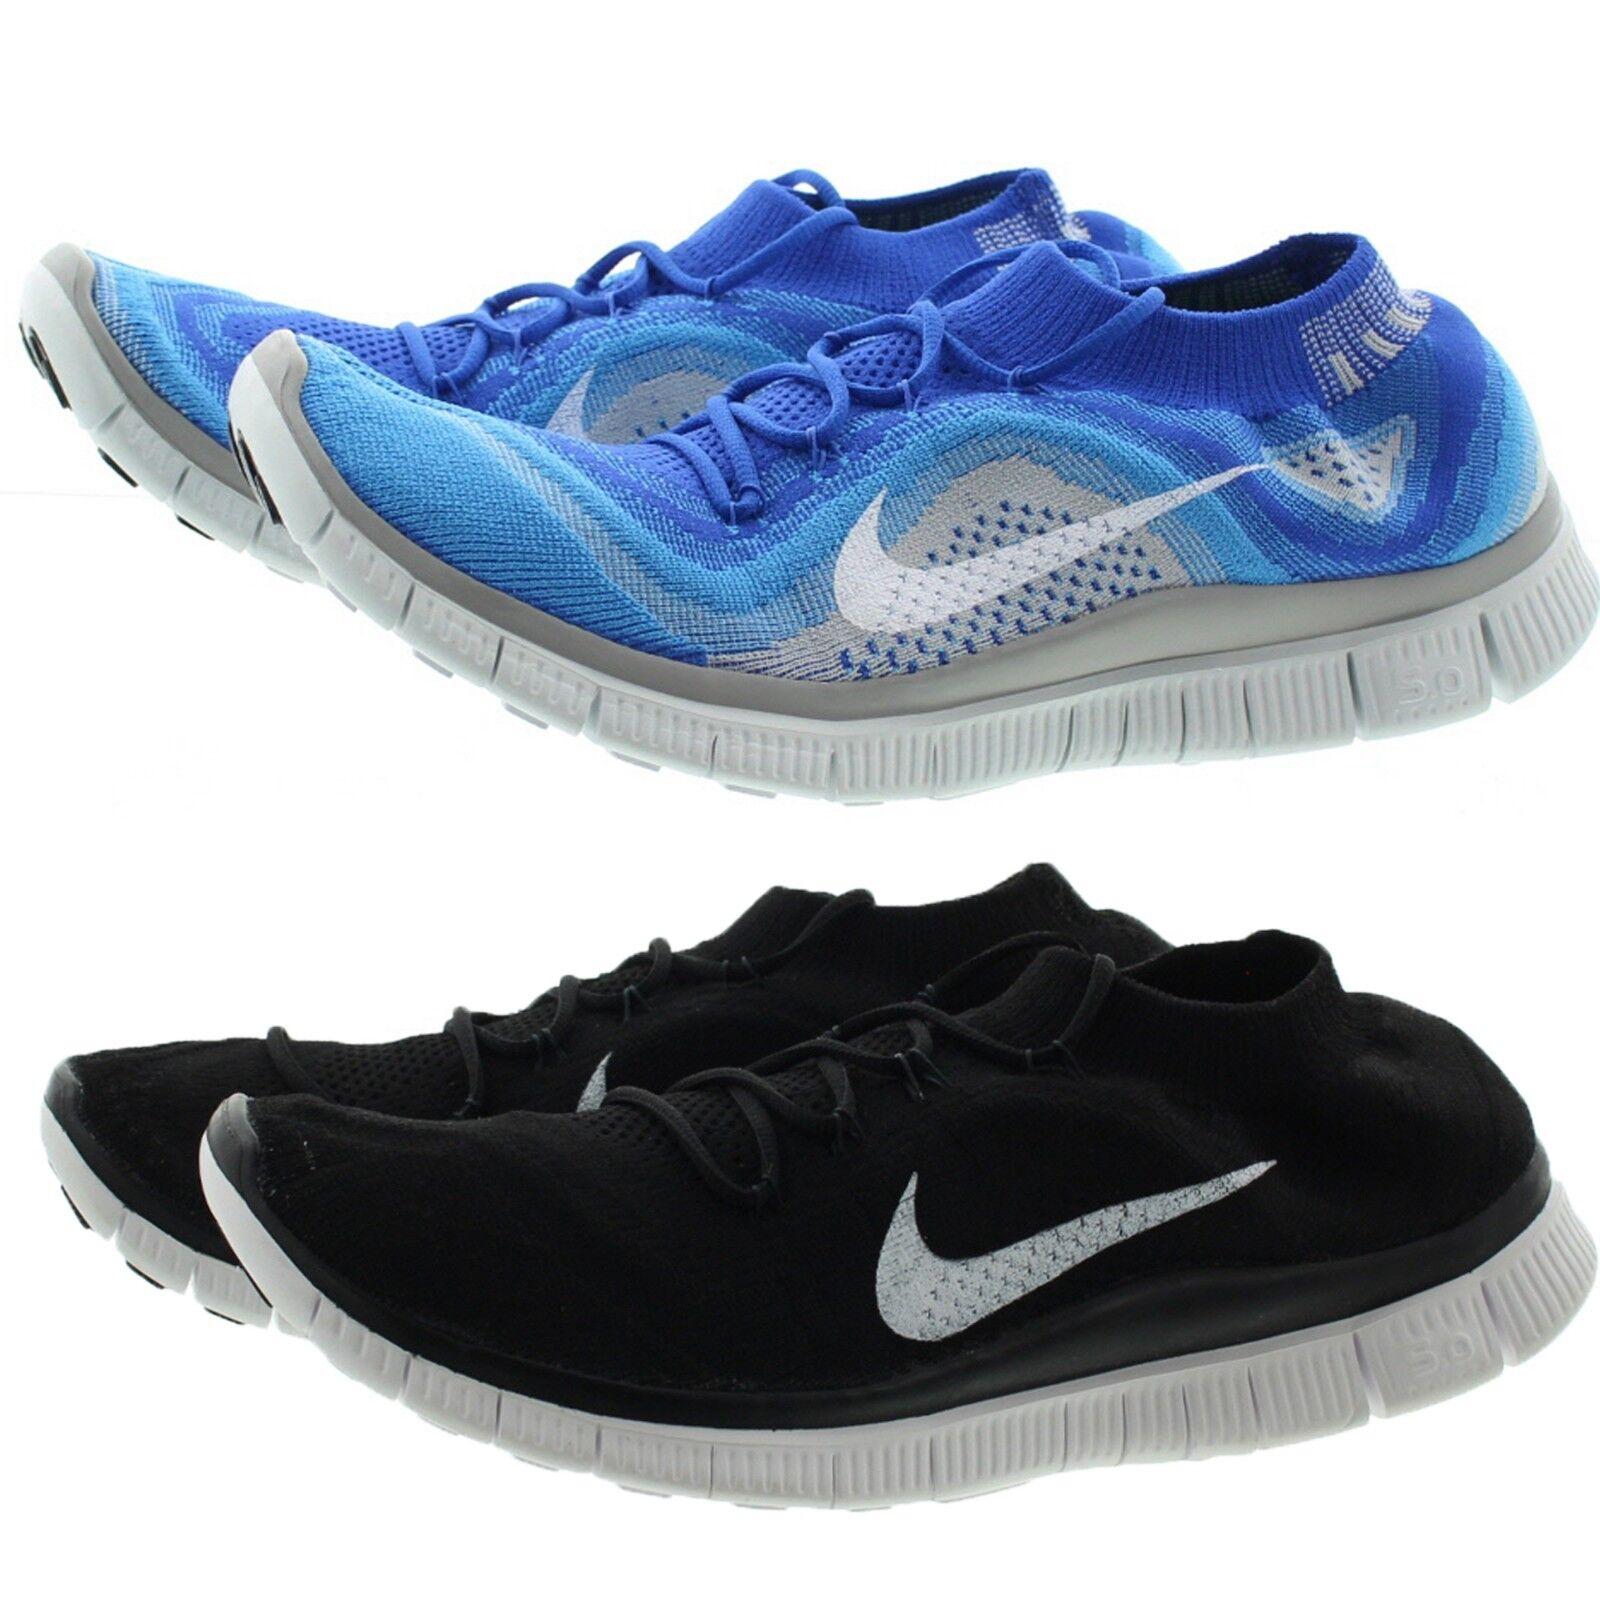 Nike running 615805 mens 7 flyknit + 7 mens (running schuhe - lightweight 2abfcf